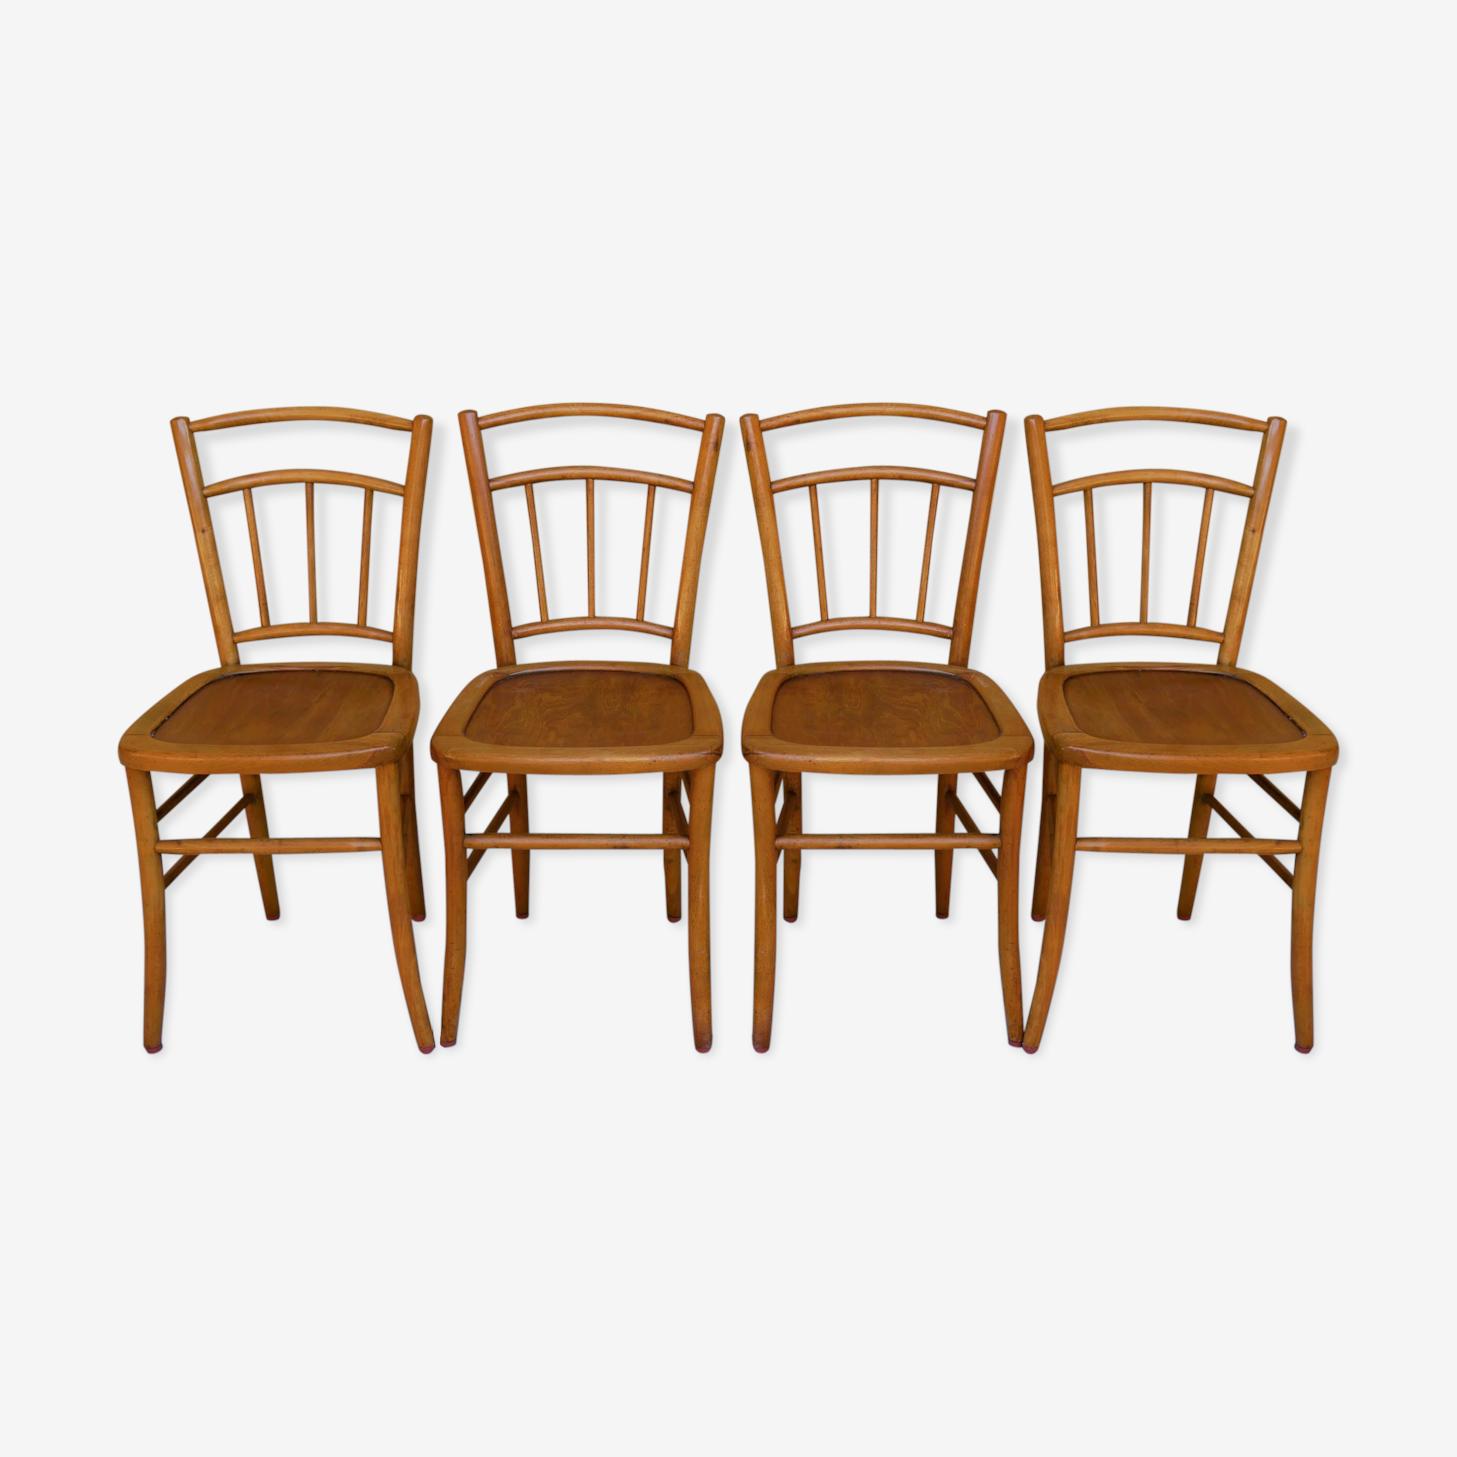 Série de 4 chaises bistrot par Luterma